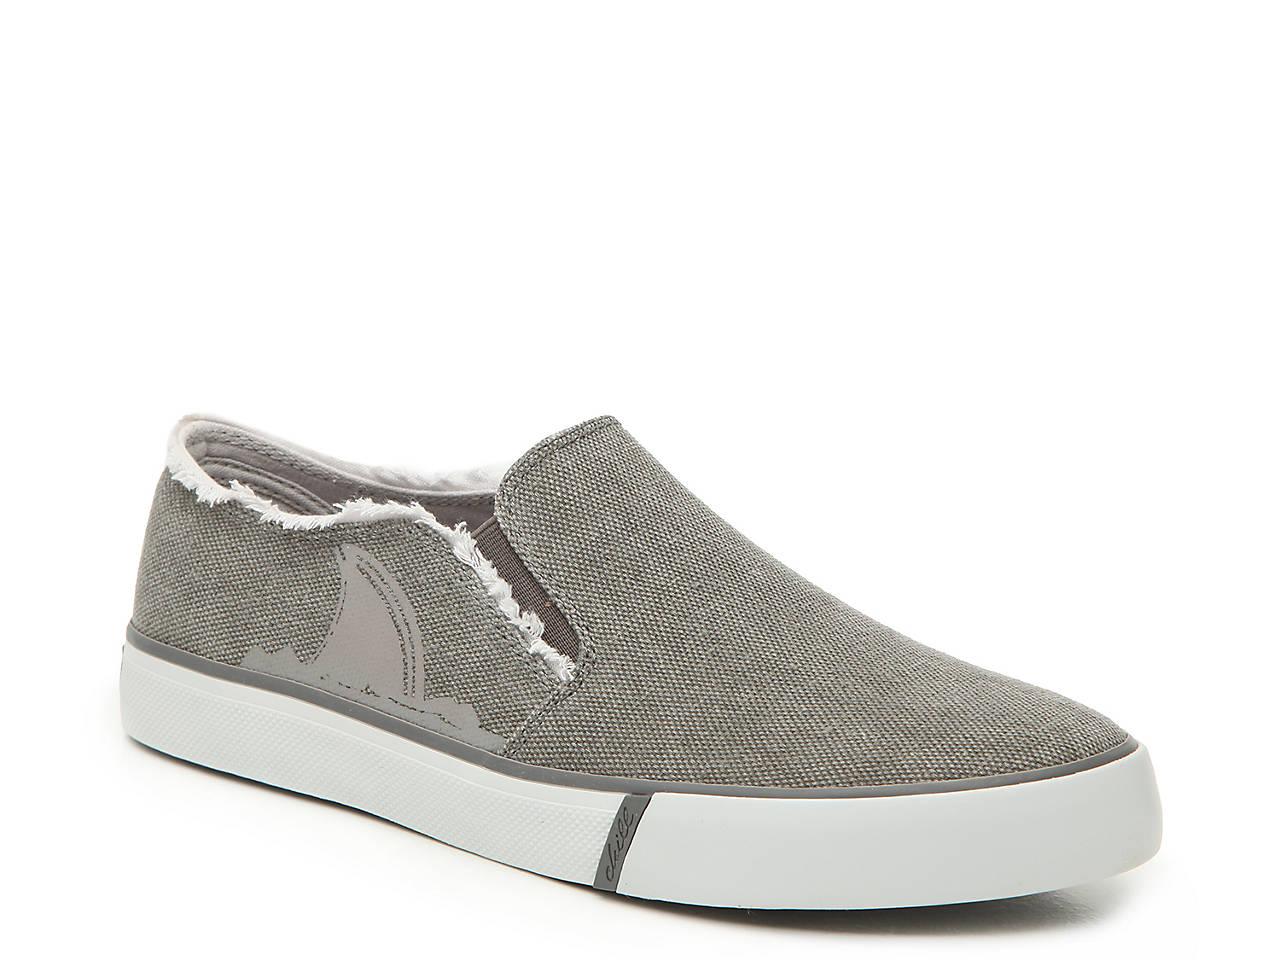 7921ce7f2a0f1 Margaritaville Spinnaker Shark Slip-On Sneaker Men s Shoes